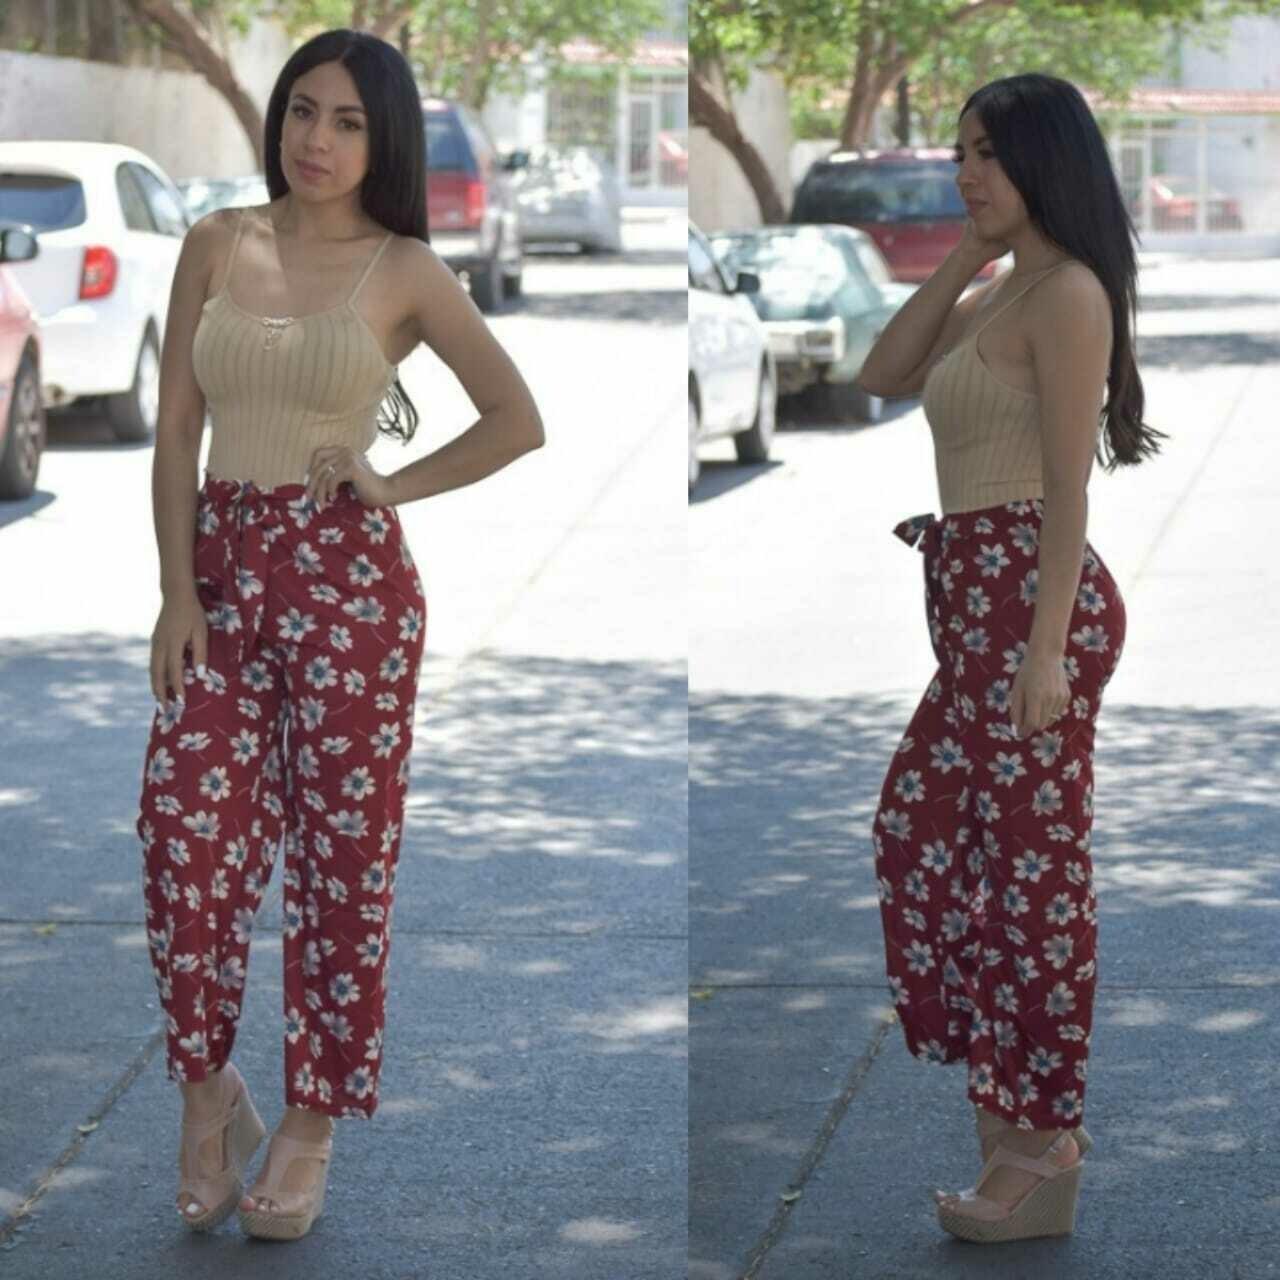 Maxi pantalon estampado-3582-6